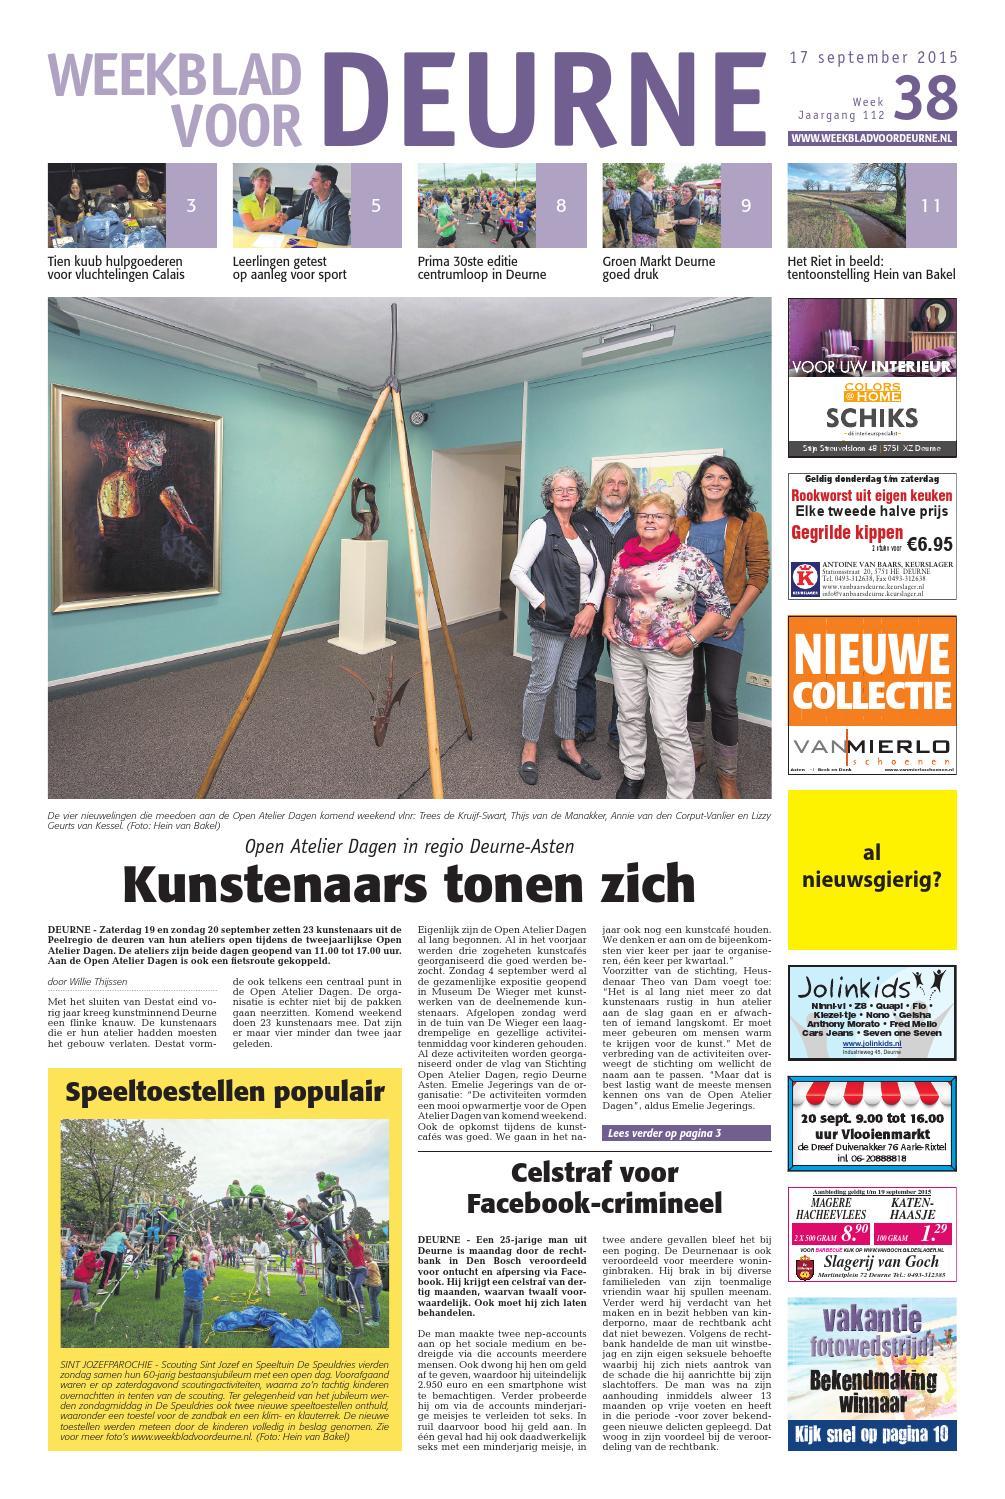 Decoratie raamdecoratie deurne : Weekblad voor deurne wk38 by Das Publishers! - issuu